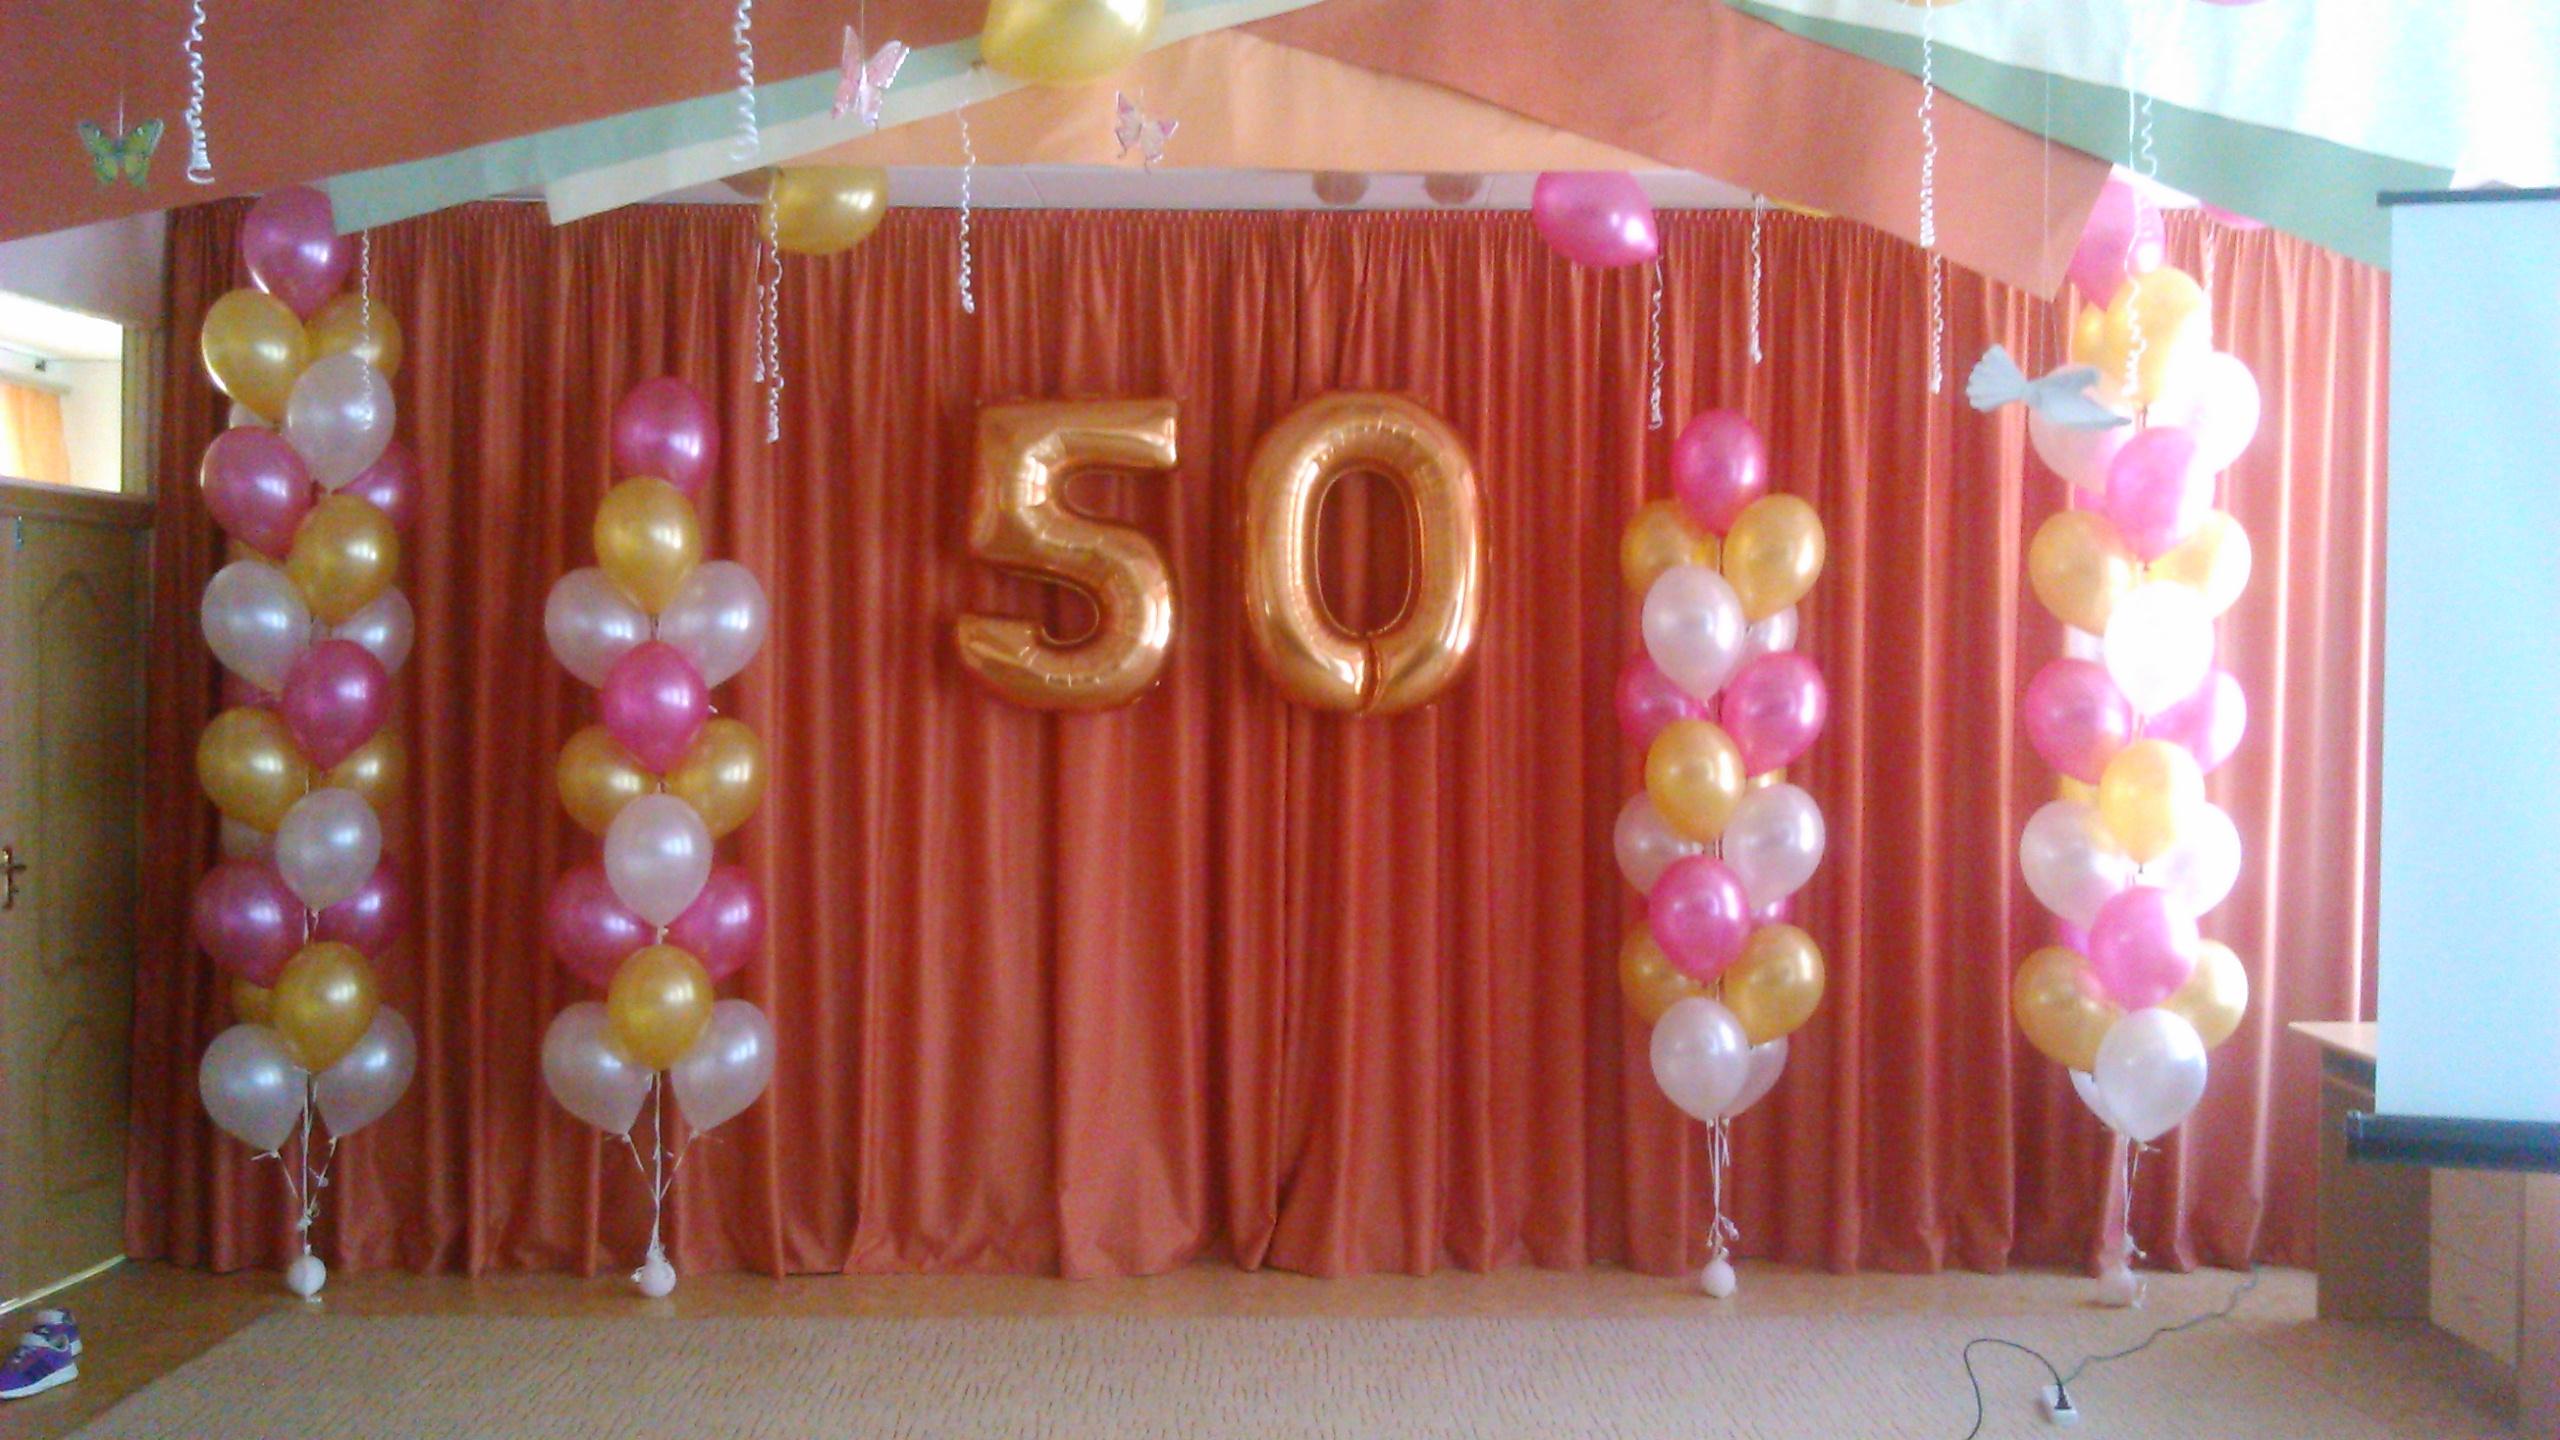 Украшения зала шарами на 30 лет фото